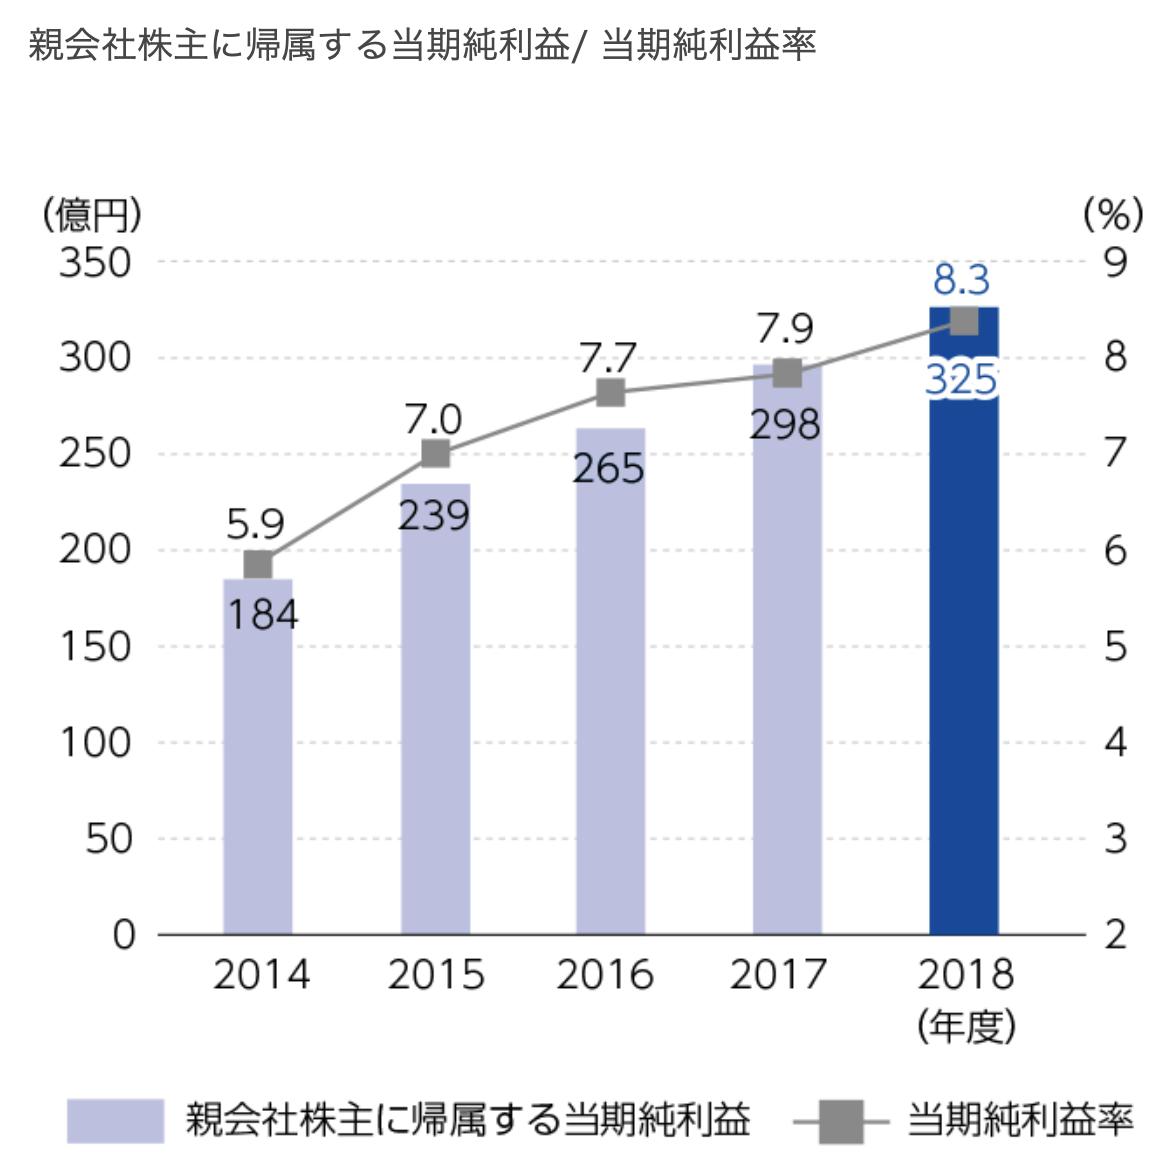 島津製作所 親会社株主に帰属する当期純利益 当期純利益率